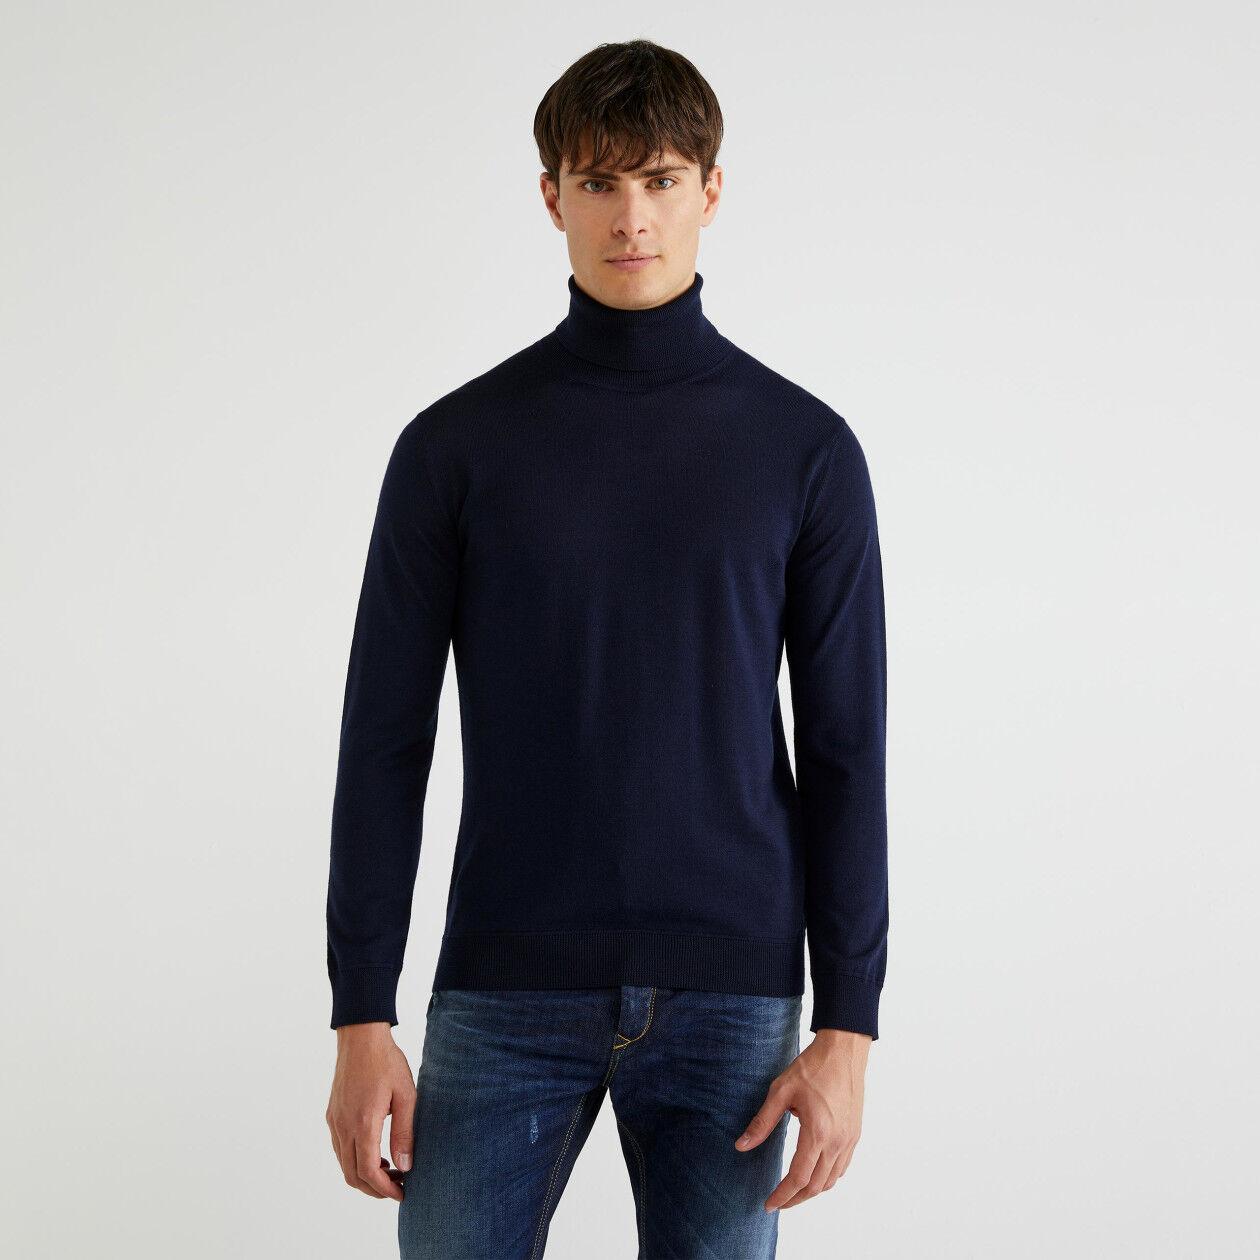 Jersey de cuello cisne de 100 % lana virgen